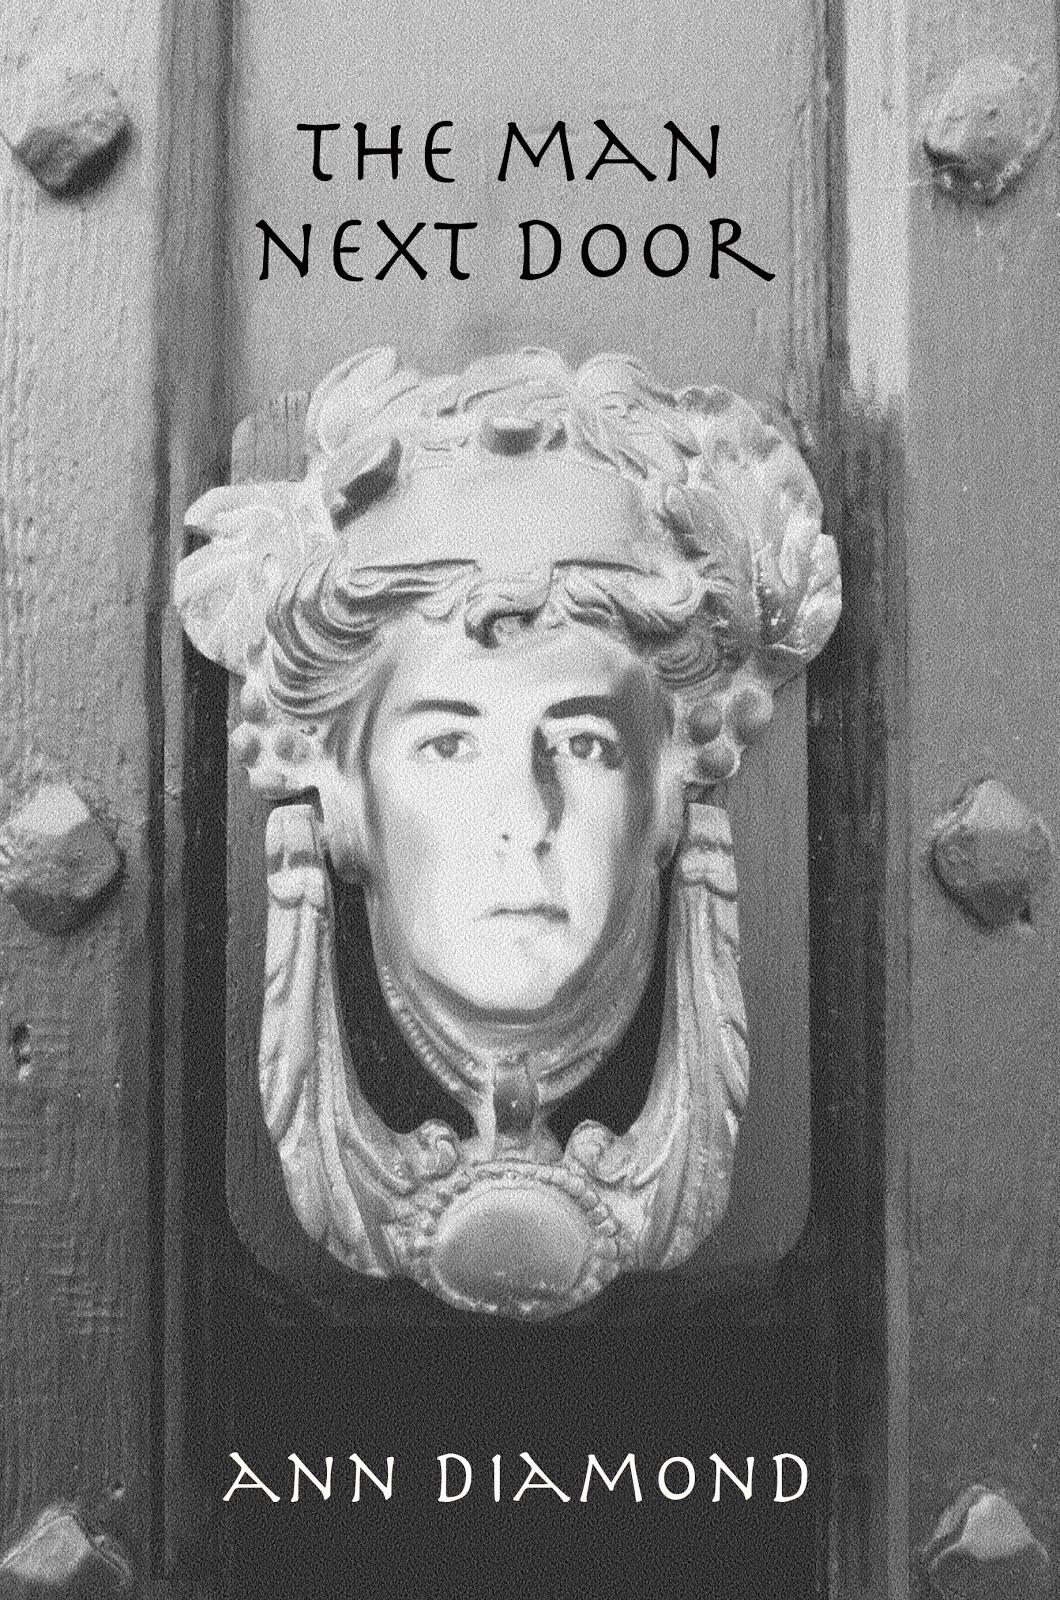 Buy THE MAN NEXT DOOR